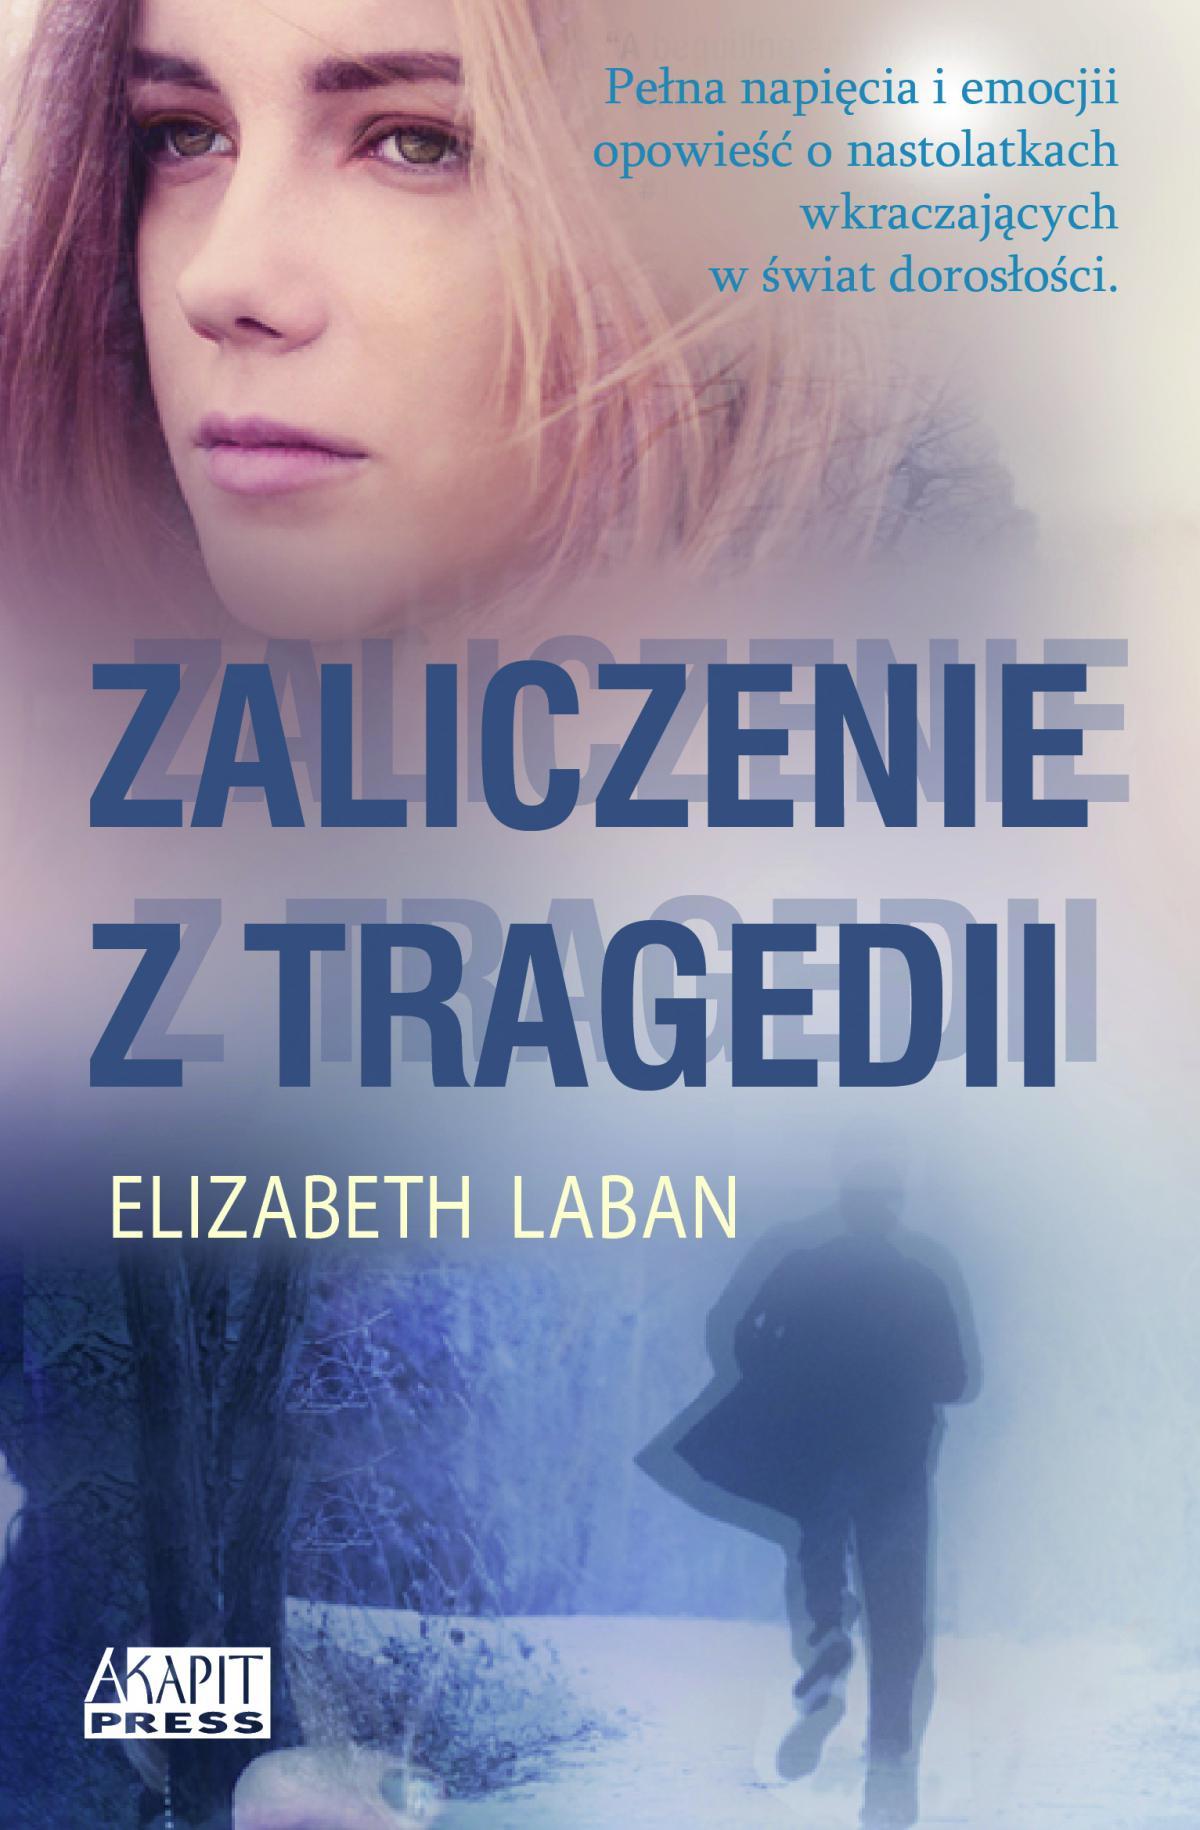 Zaliczenie z tragedii - Ebook (Książka na Kindle) do pobrania w formacie MOBI